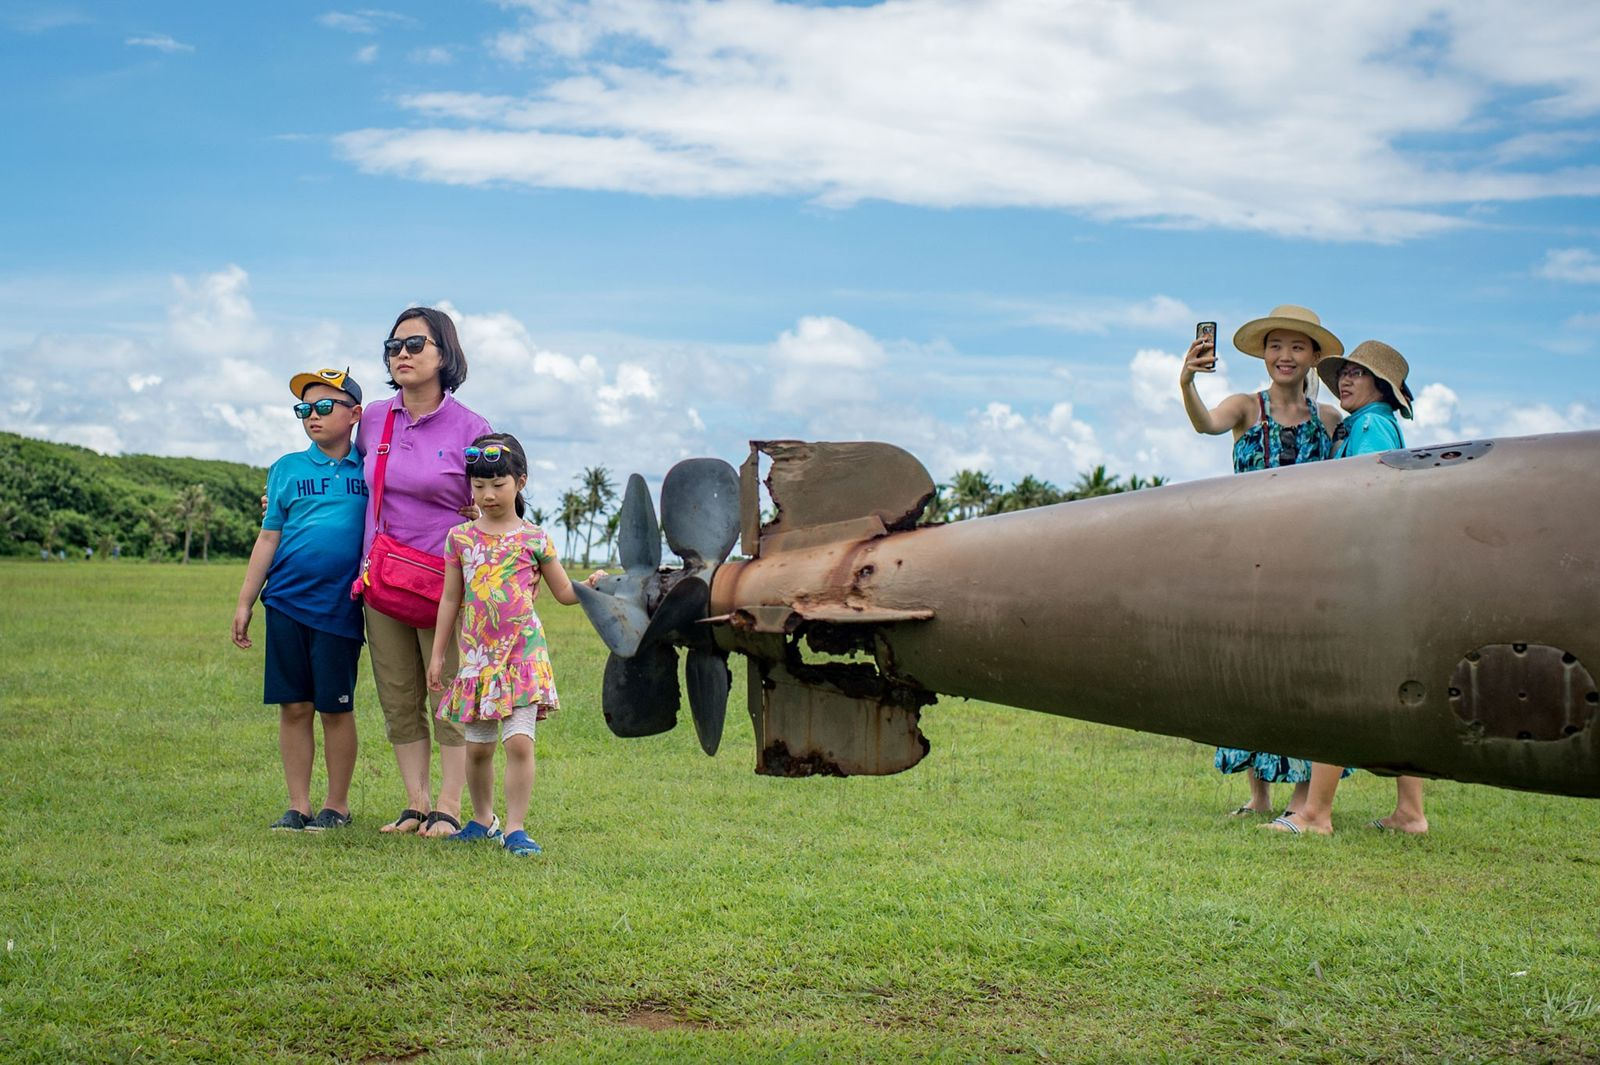 Turistas fazem pose junto a um torpedo da Segunda Guerra Mundial, no Parque Histórico Nacional da ...